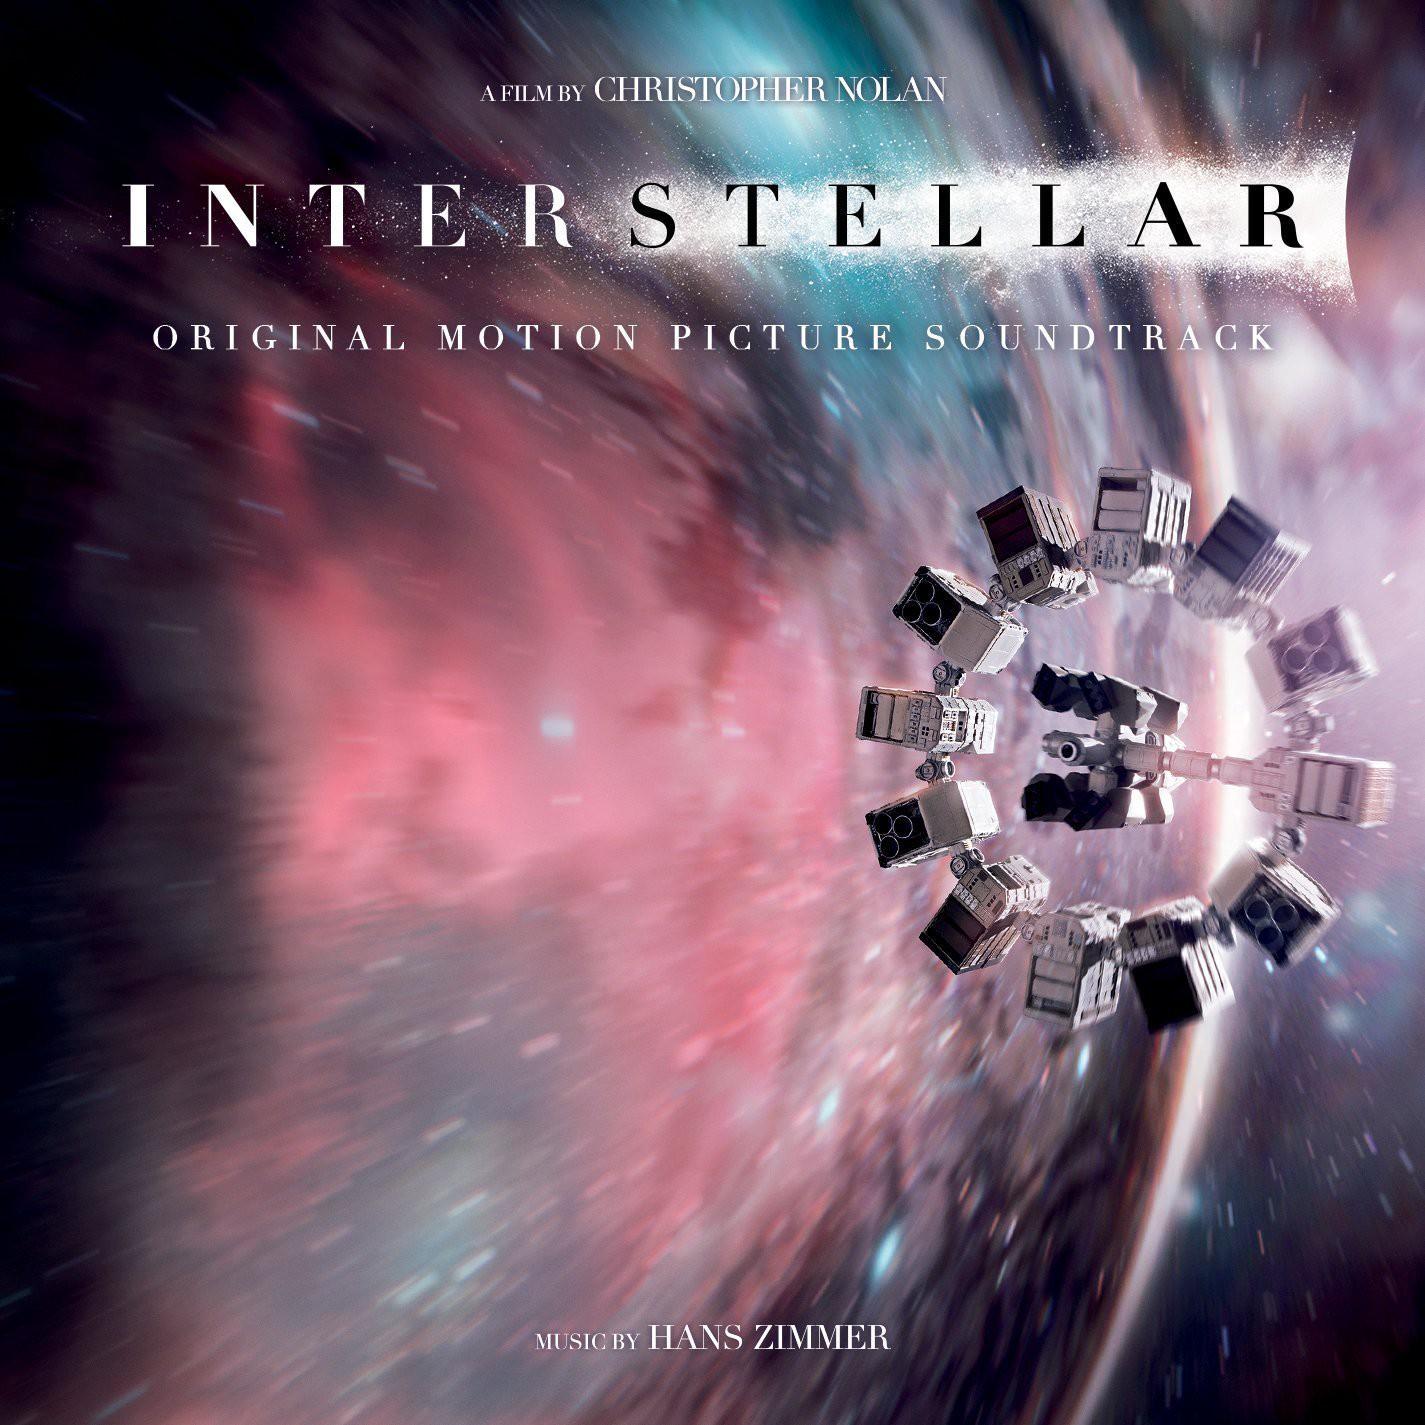 Interstellar, Hans Zimmer